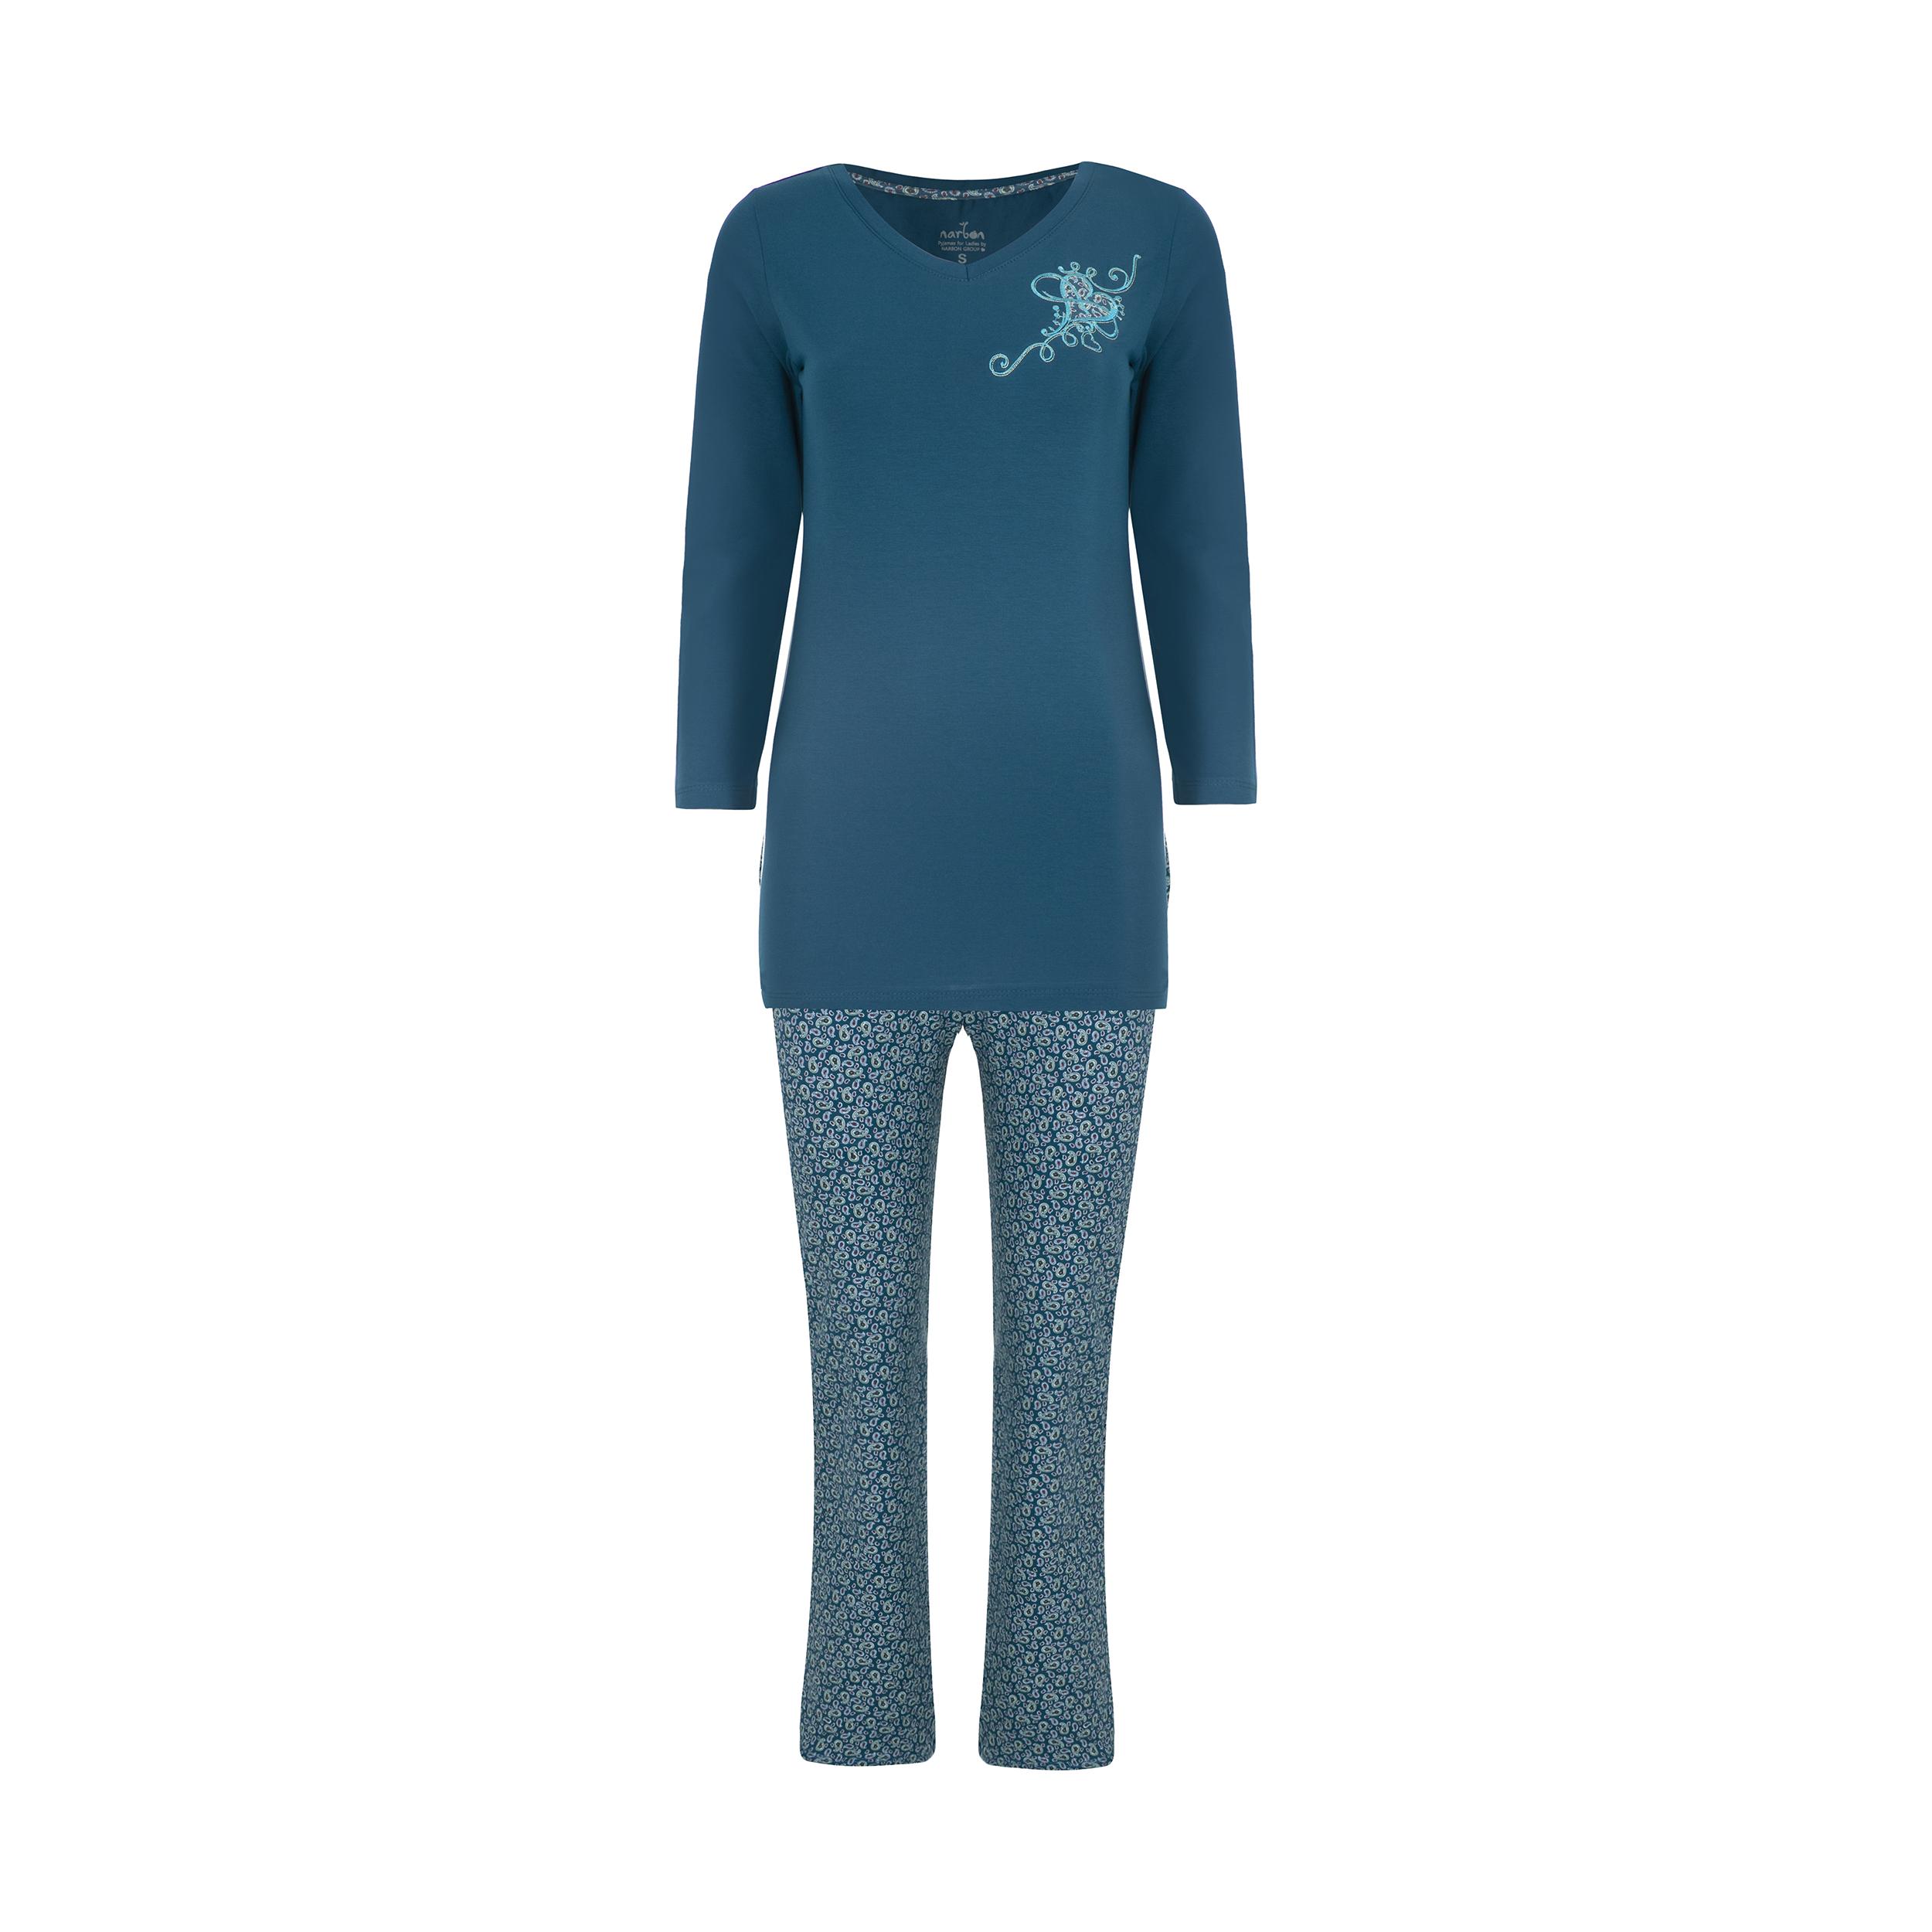 ست تی شرت و شلوار راحتی زنانه ناربن مدل 1521248-54